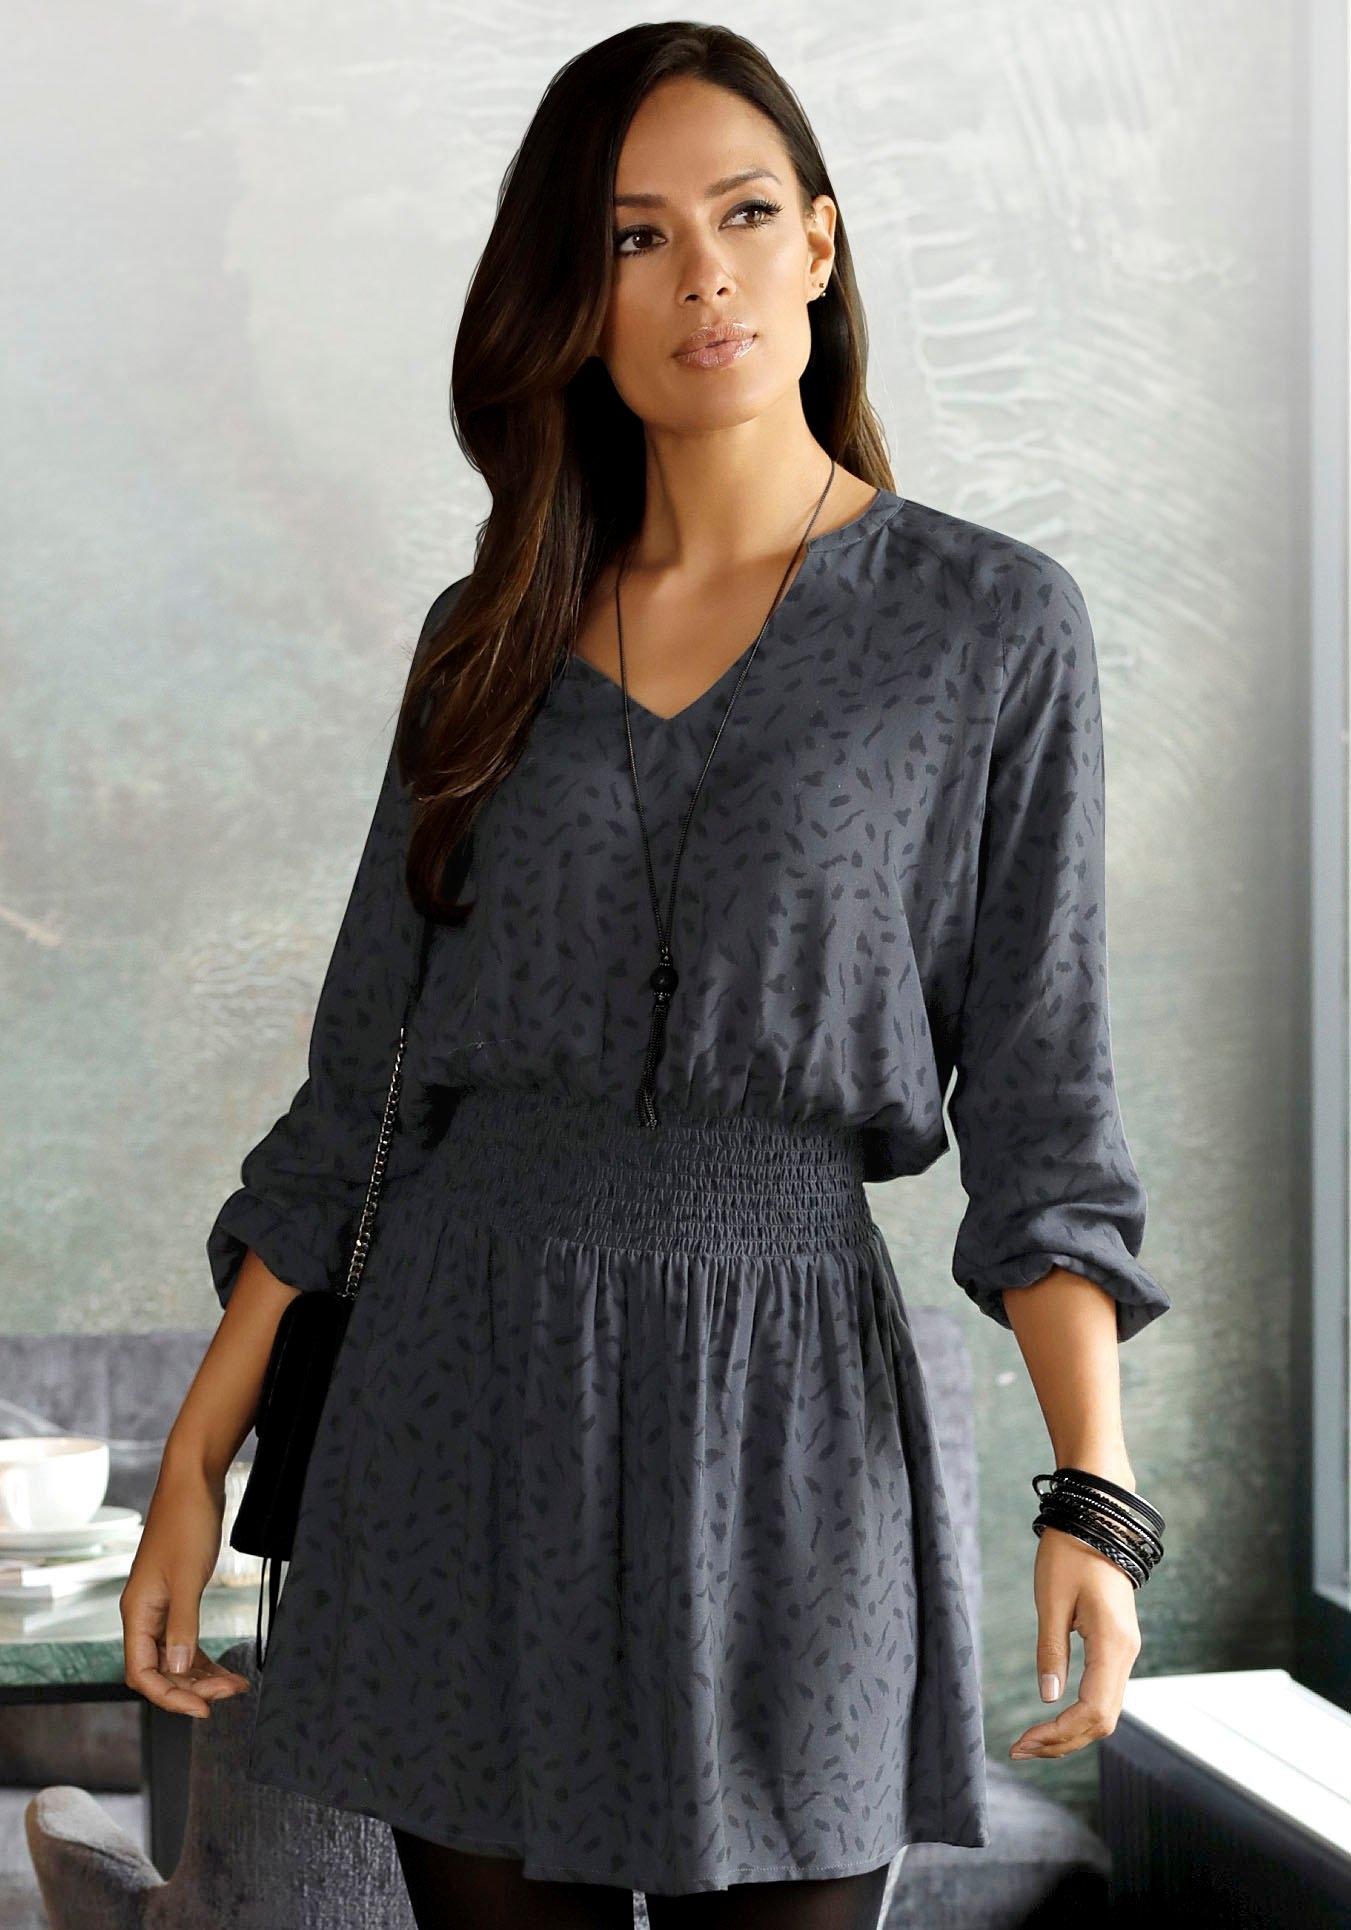 Op zoek naar een Lascana gedessineerde jurk met grafische print? Koop online bij Lascana